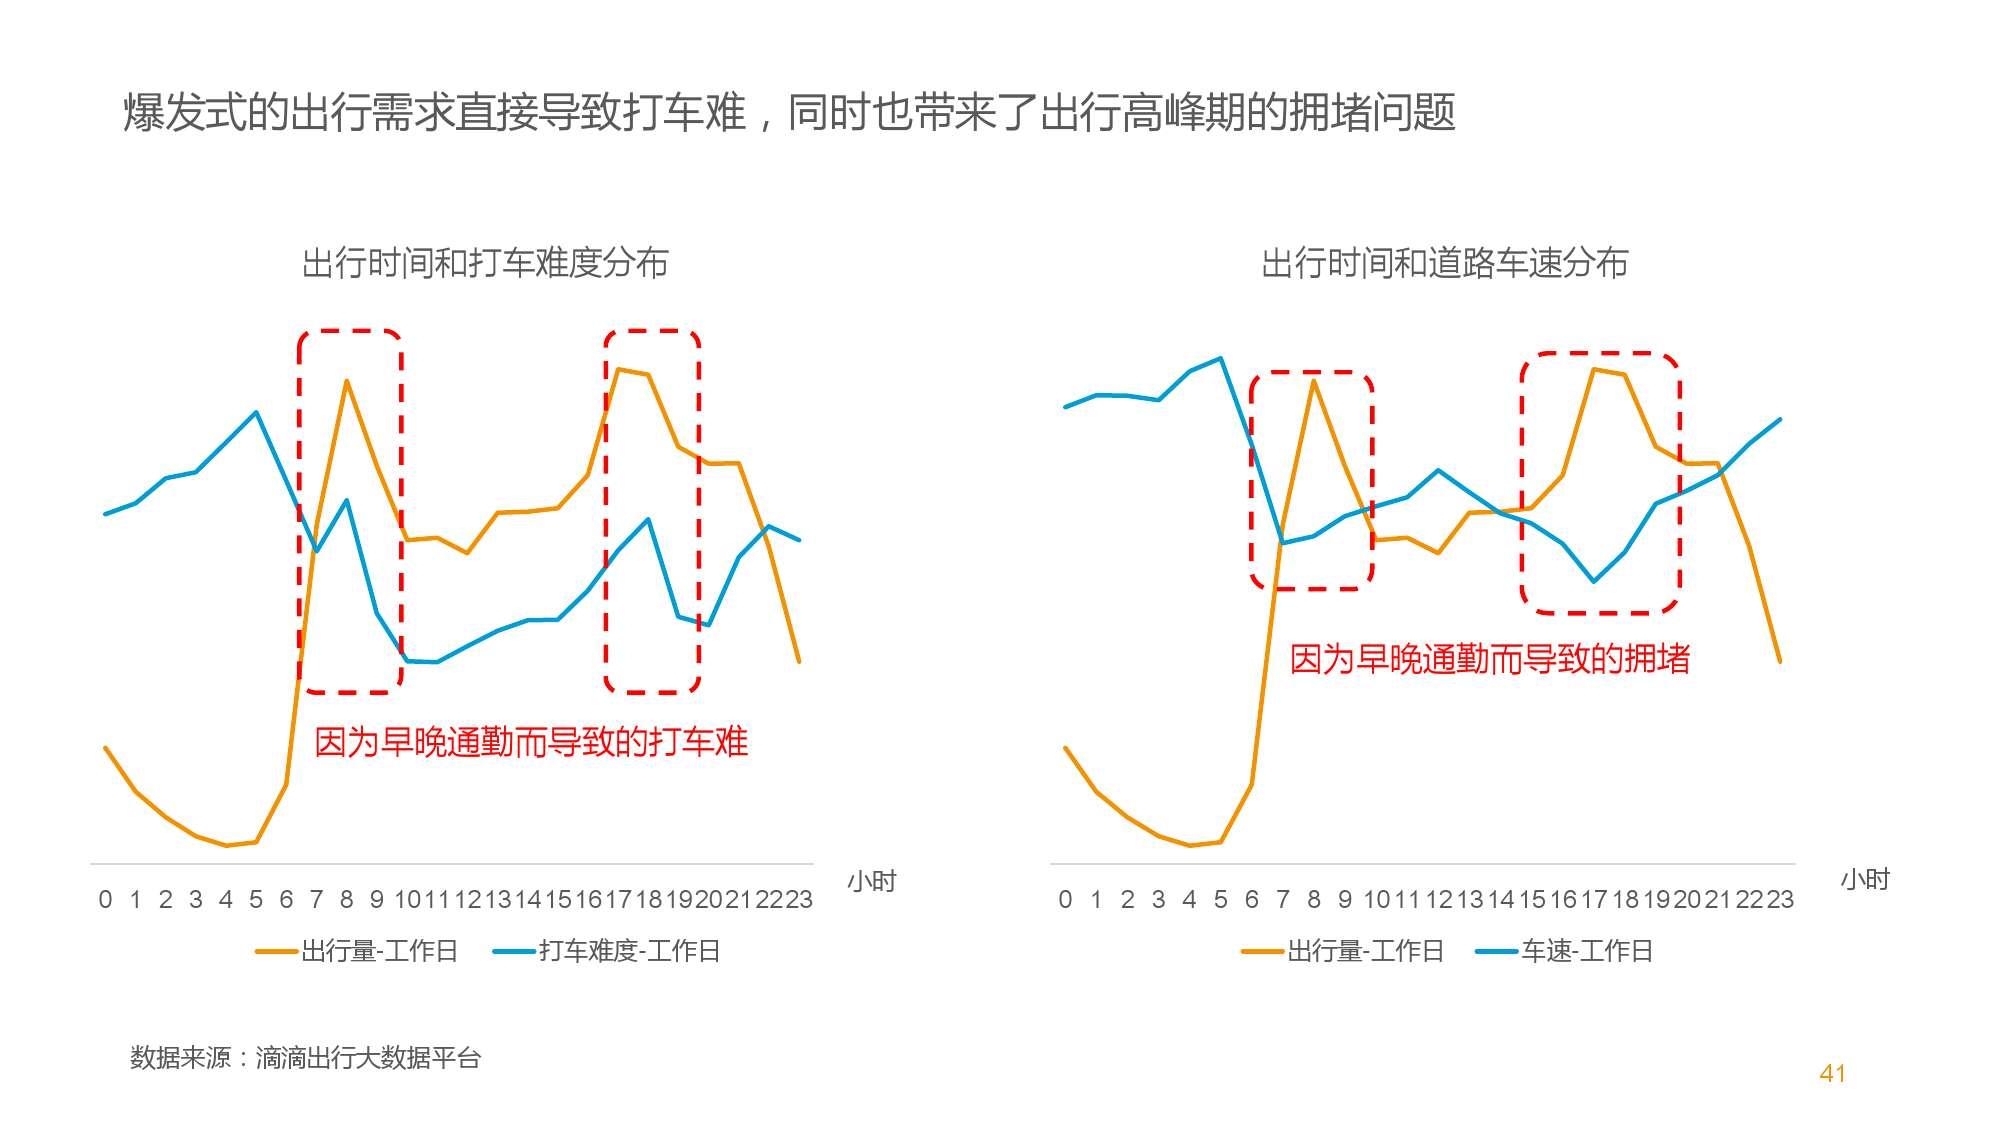 中国智能出行2015大数据报告_000041